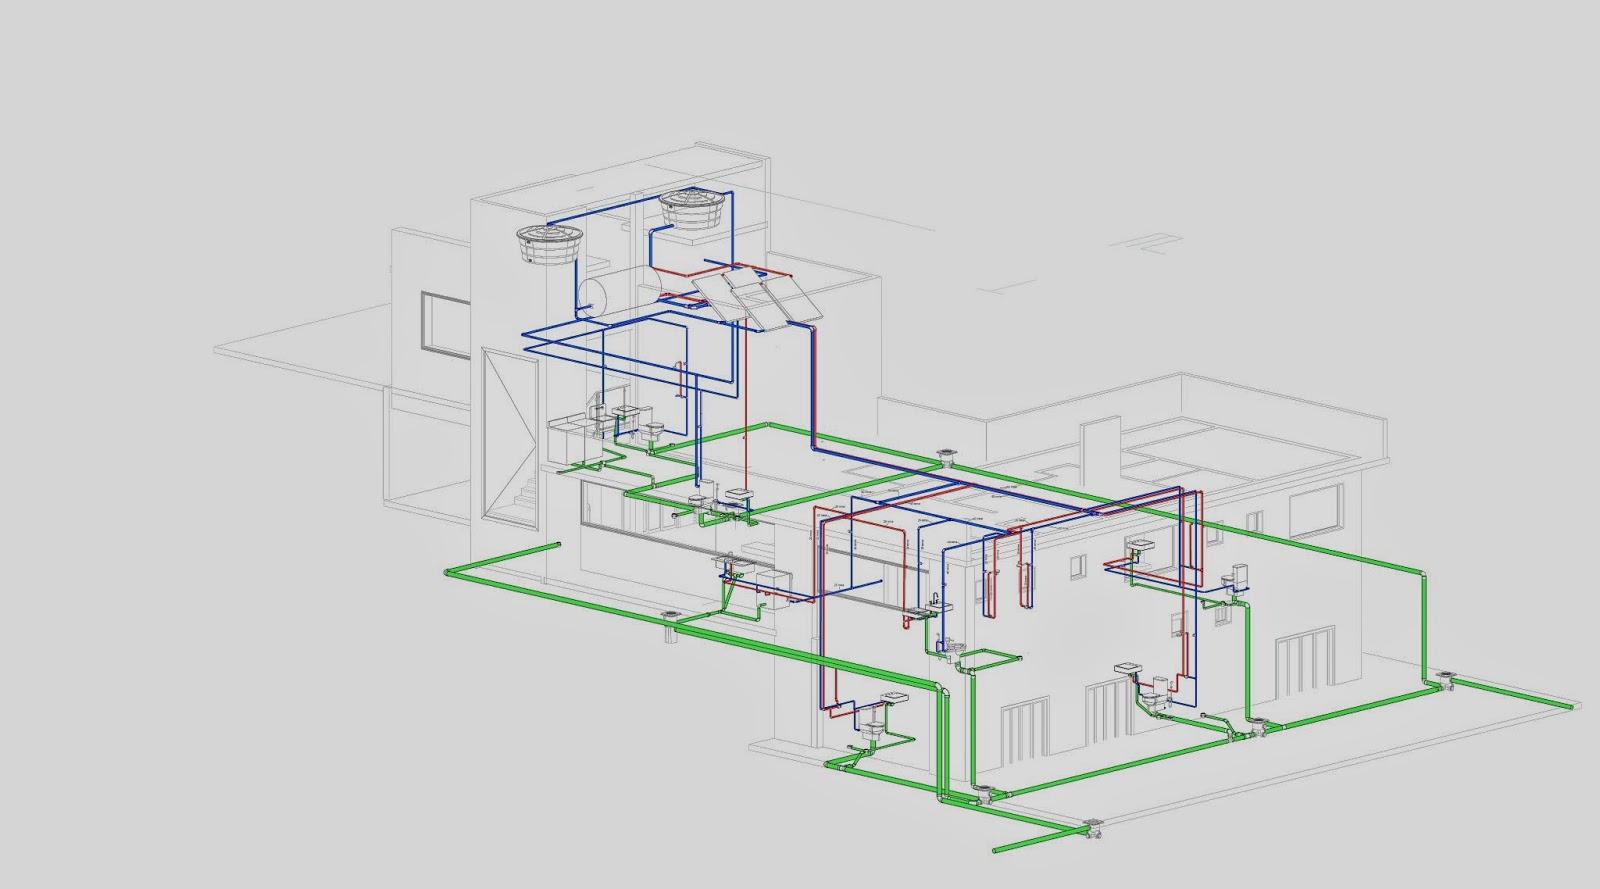 Liciara Barreto Projetos Arquitetônicos #379437 1600 889